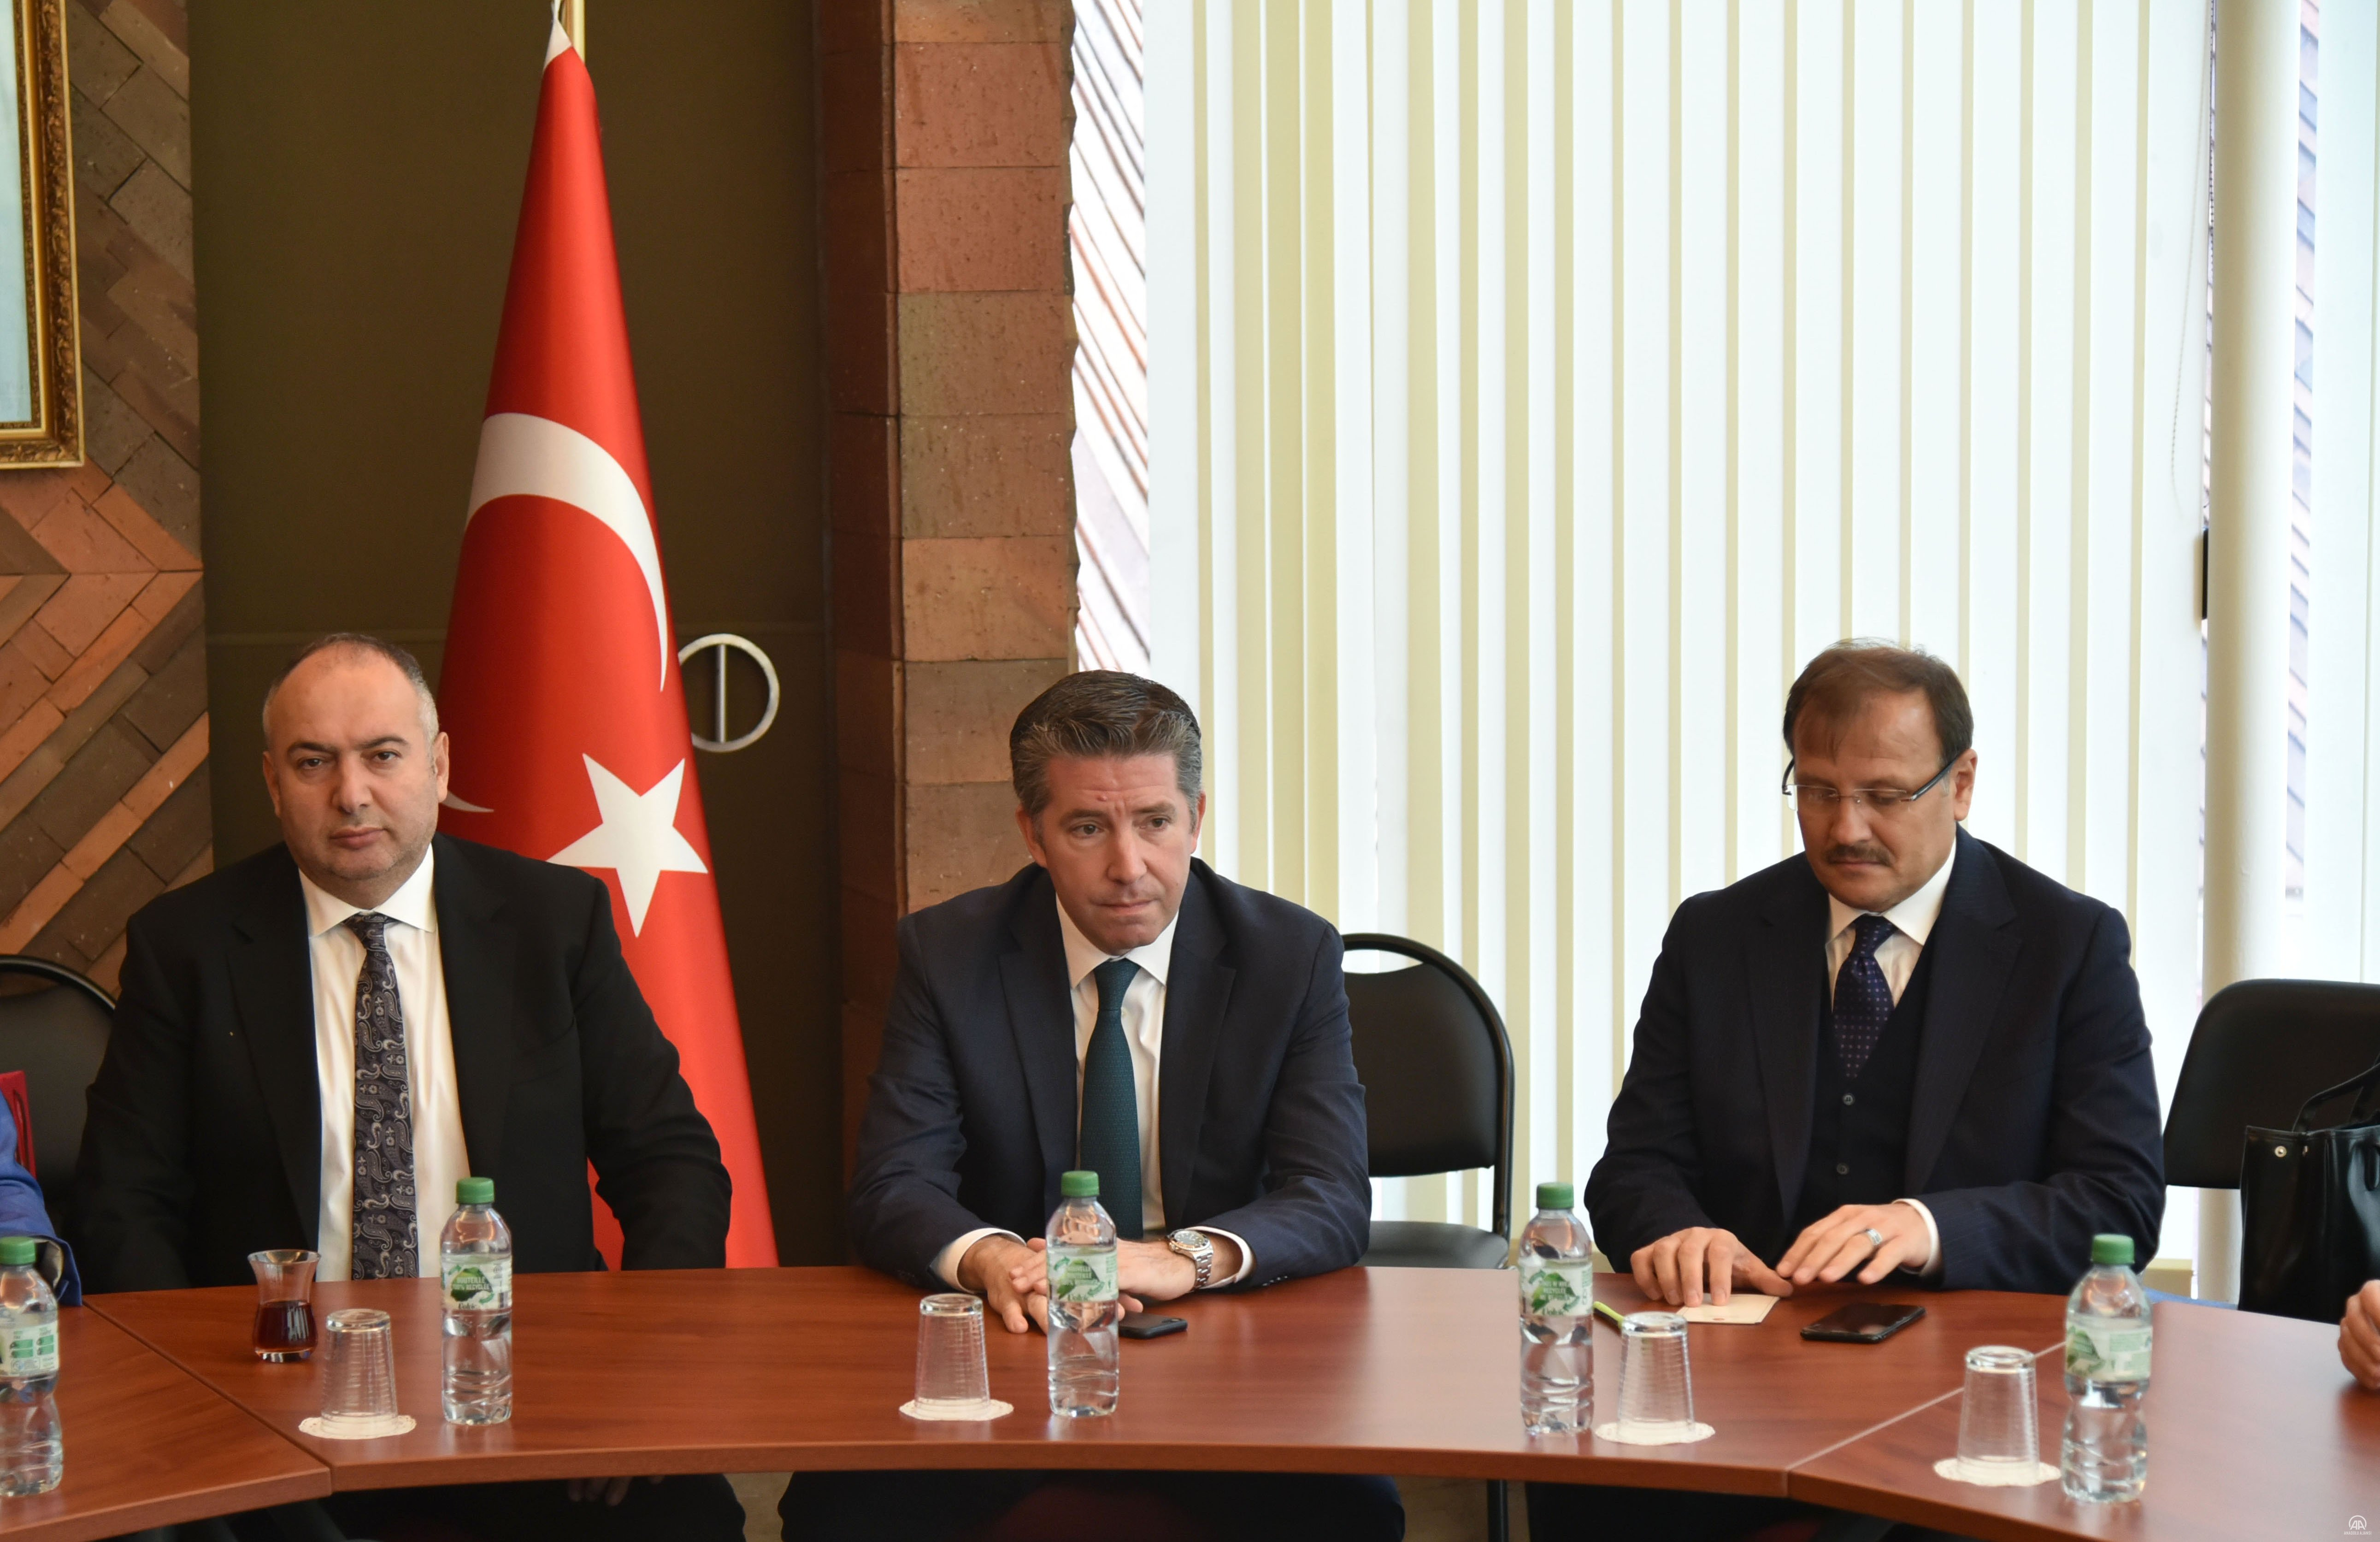 TBMM İnsan Haklarını İnceleme Komisyonu Başkanı Çavuşoğlu Paris'te temaslarını sürdürdü